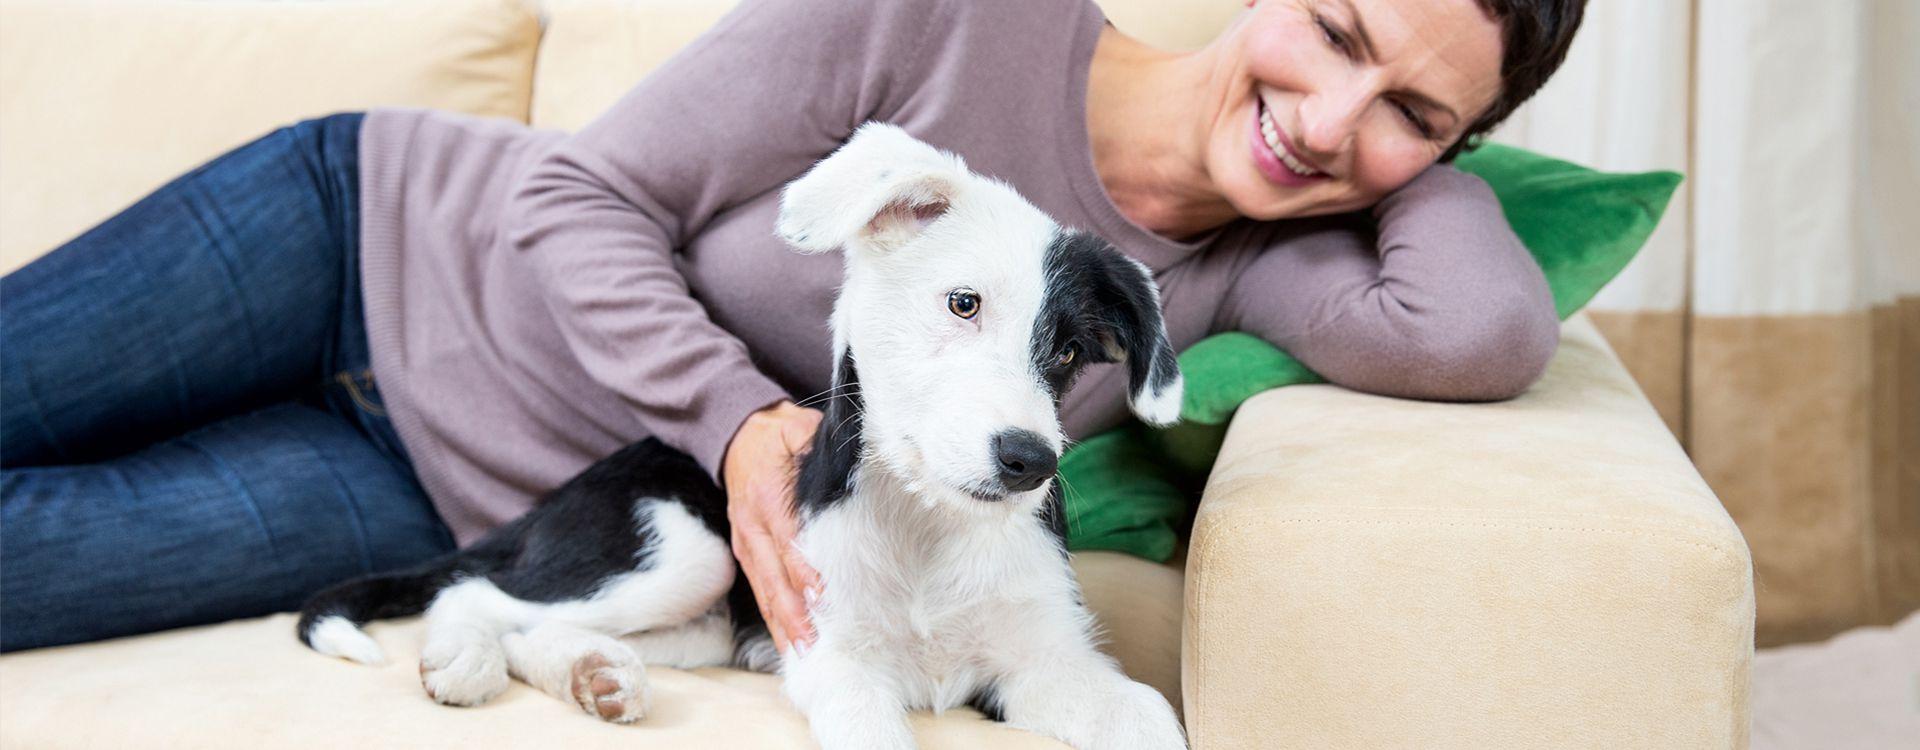 Ratgeber: Ein Hund zieht ein